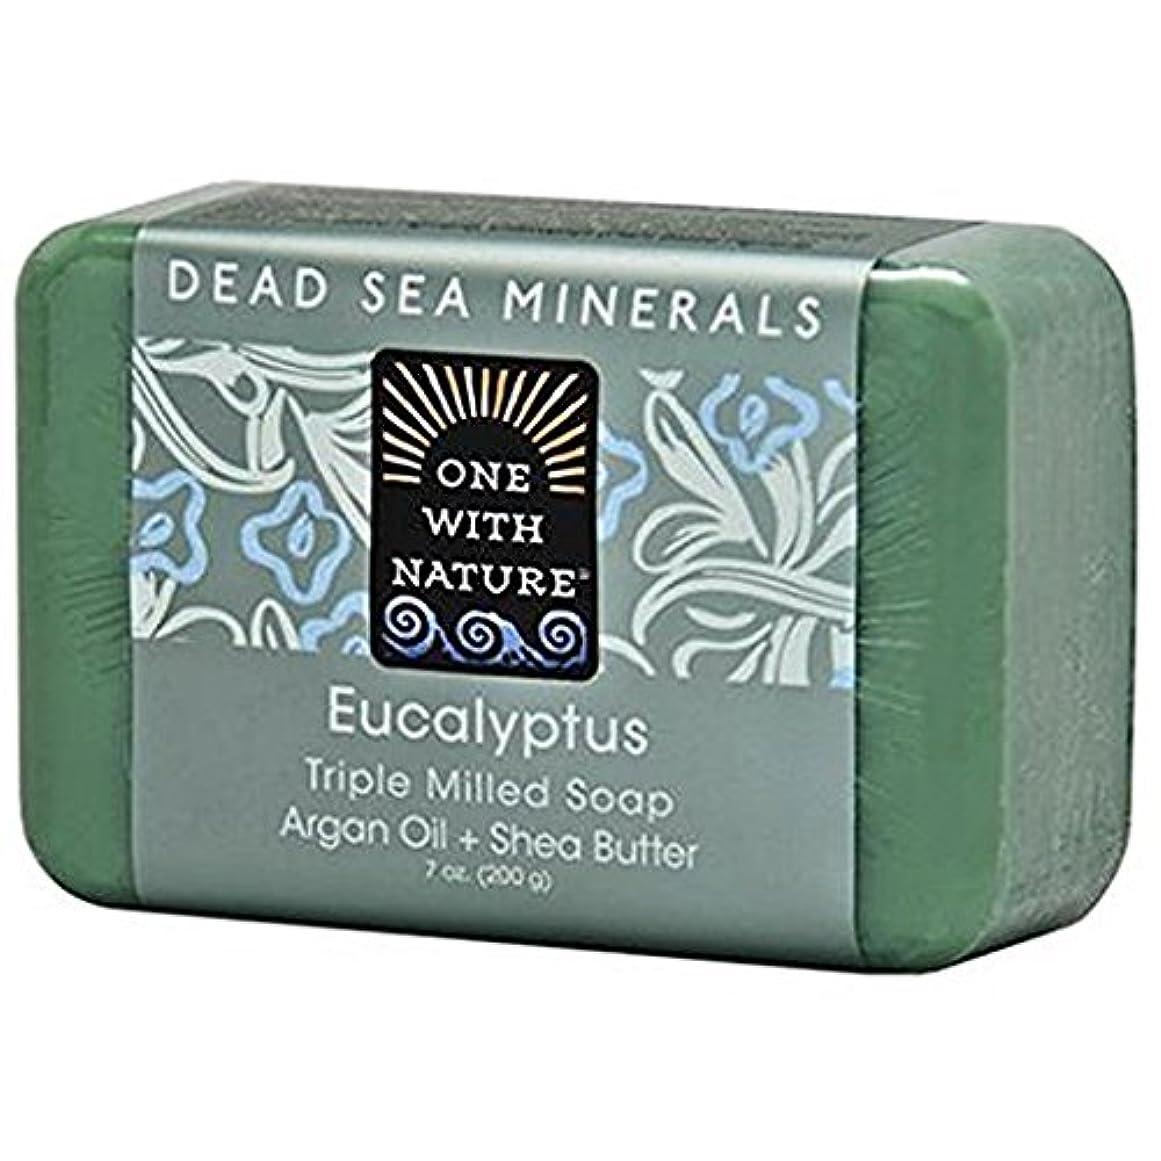 お母さん合計口述One With Nature - 死んだSea Mineralsは製粉された棒石鹸のユーカリを三倍にする - 7ポンド [並行輸入品]